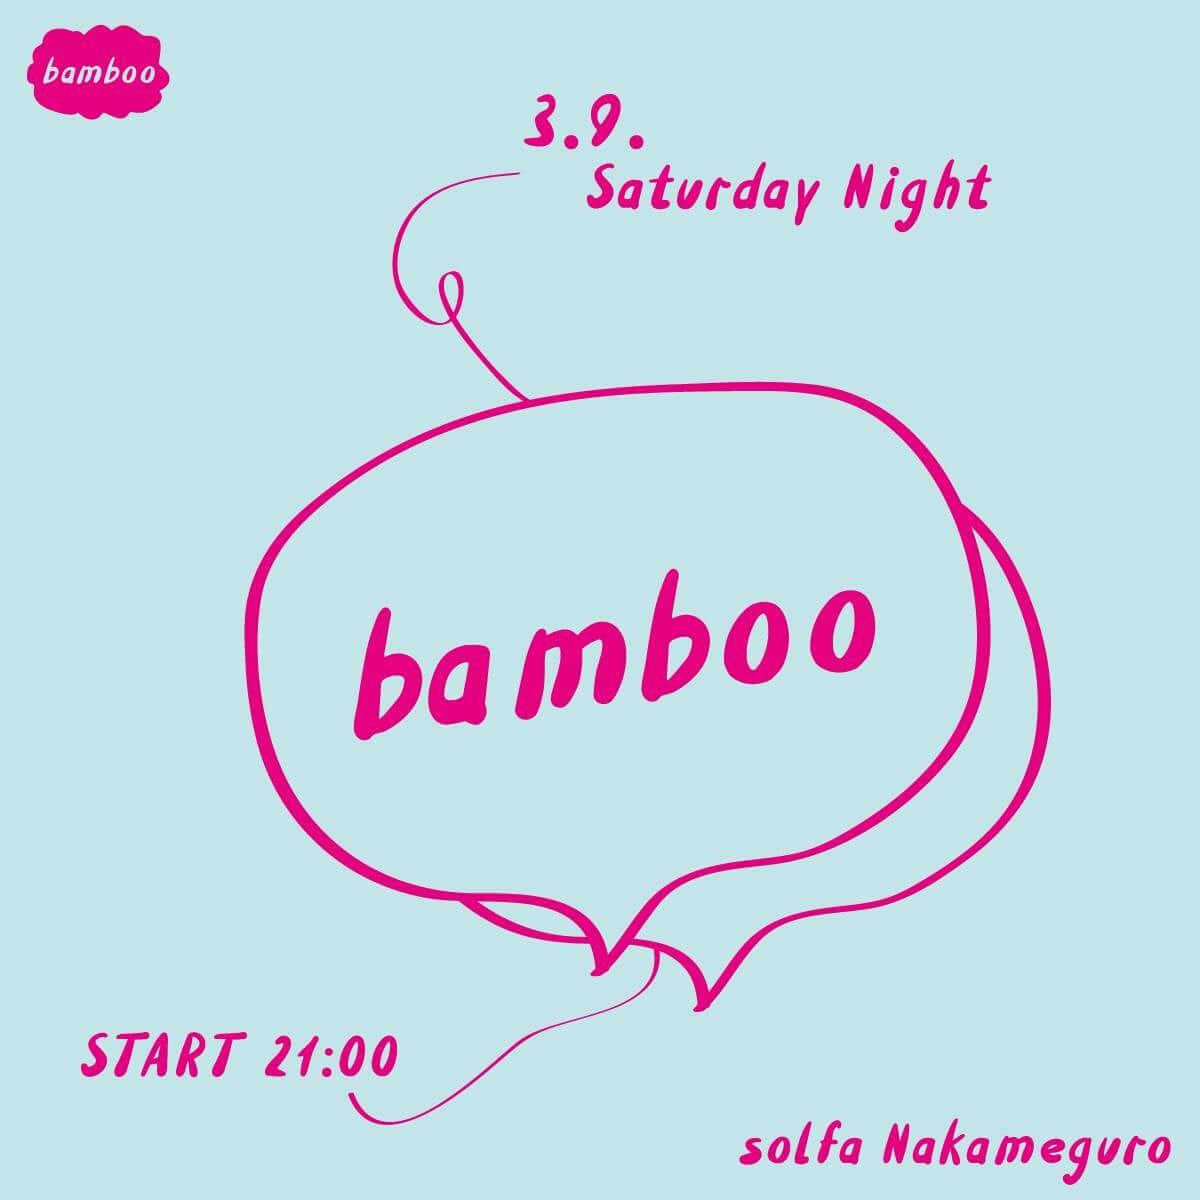 中目黒solfaで再スタートした「bamboo」にYoshinori Hayashi、nutsman、MOODMANらが登場 music190308-bamboo-1-1200x1200